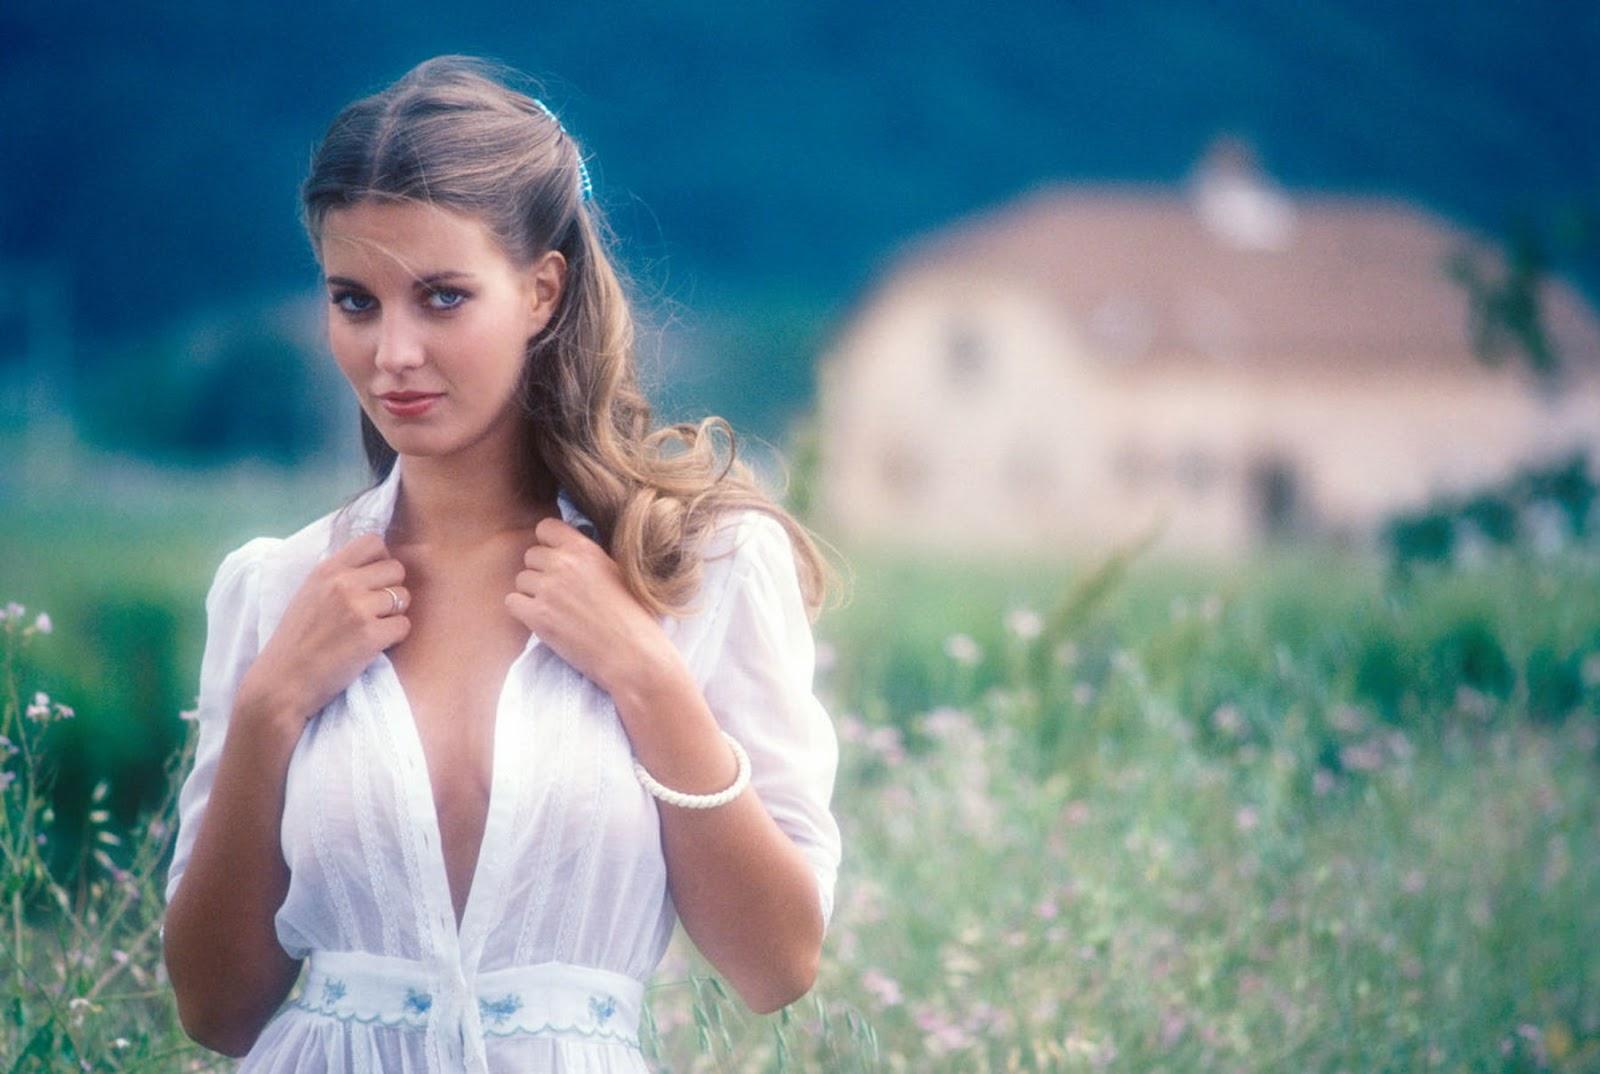 리사 웰치(Lisa Welch) - Miss September 1980 - eyval.net